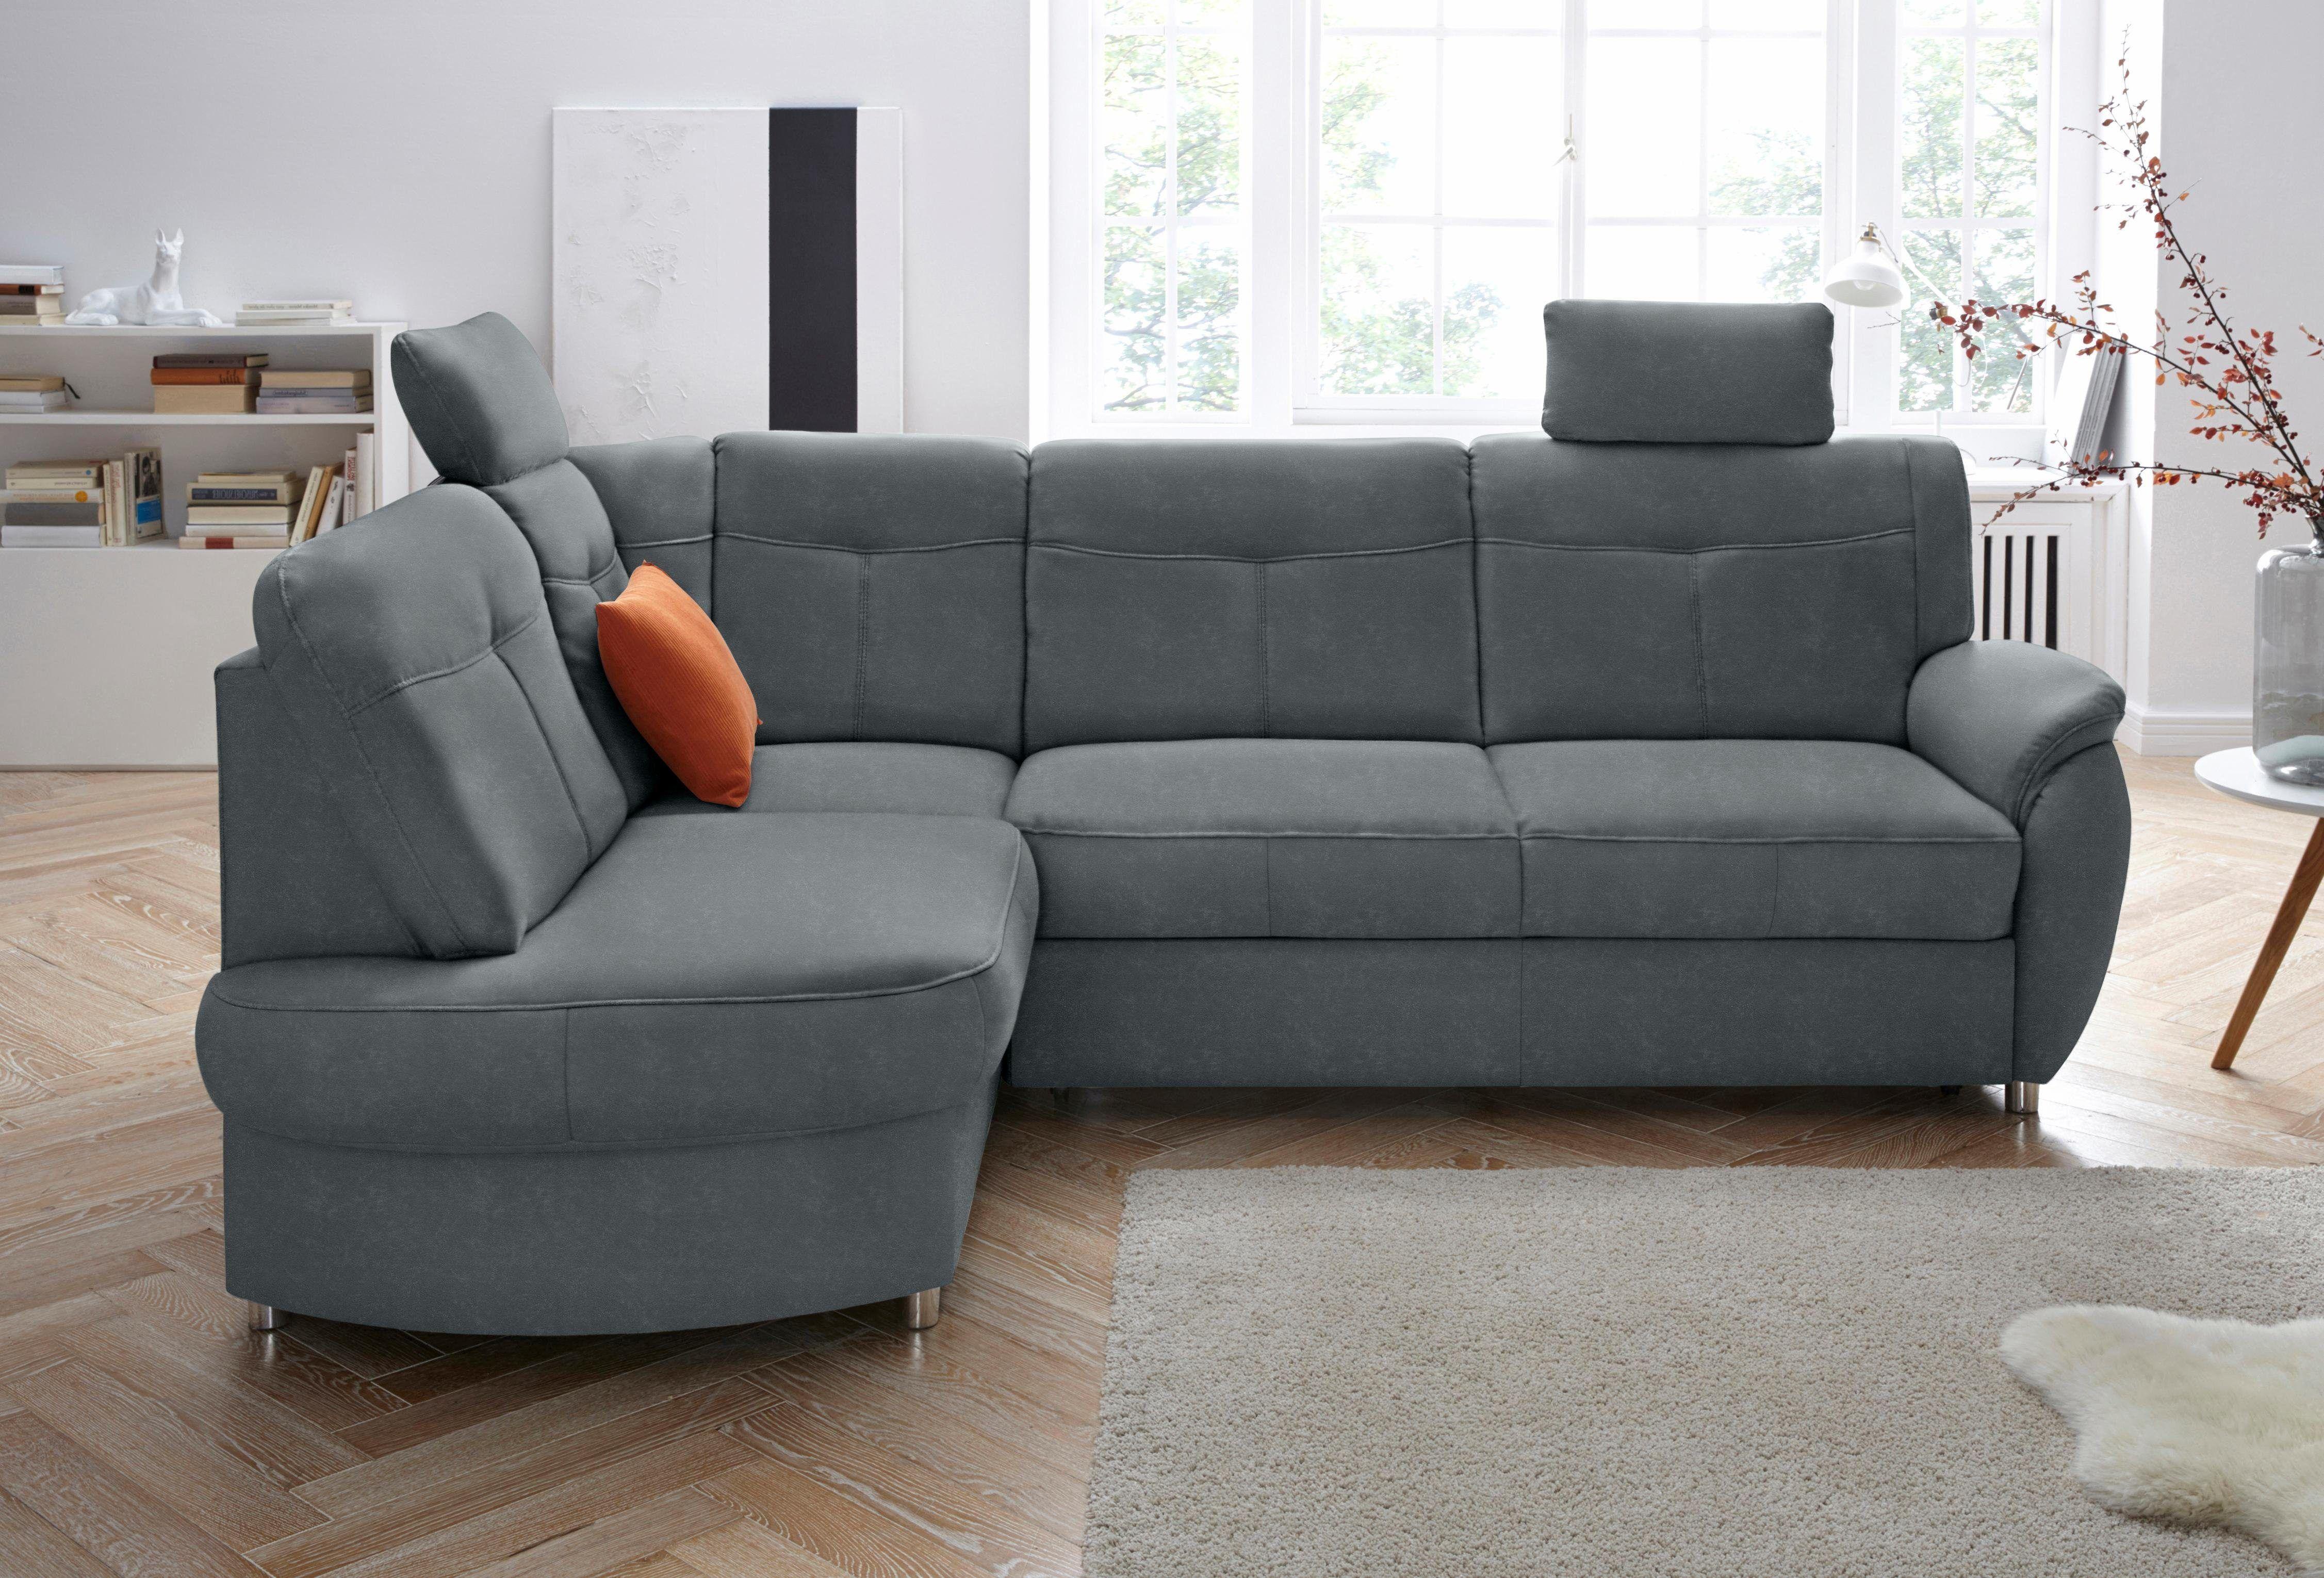 Küchen design messungen pin von ladendirekt auf sofas u couches  pinterest  sofa